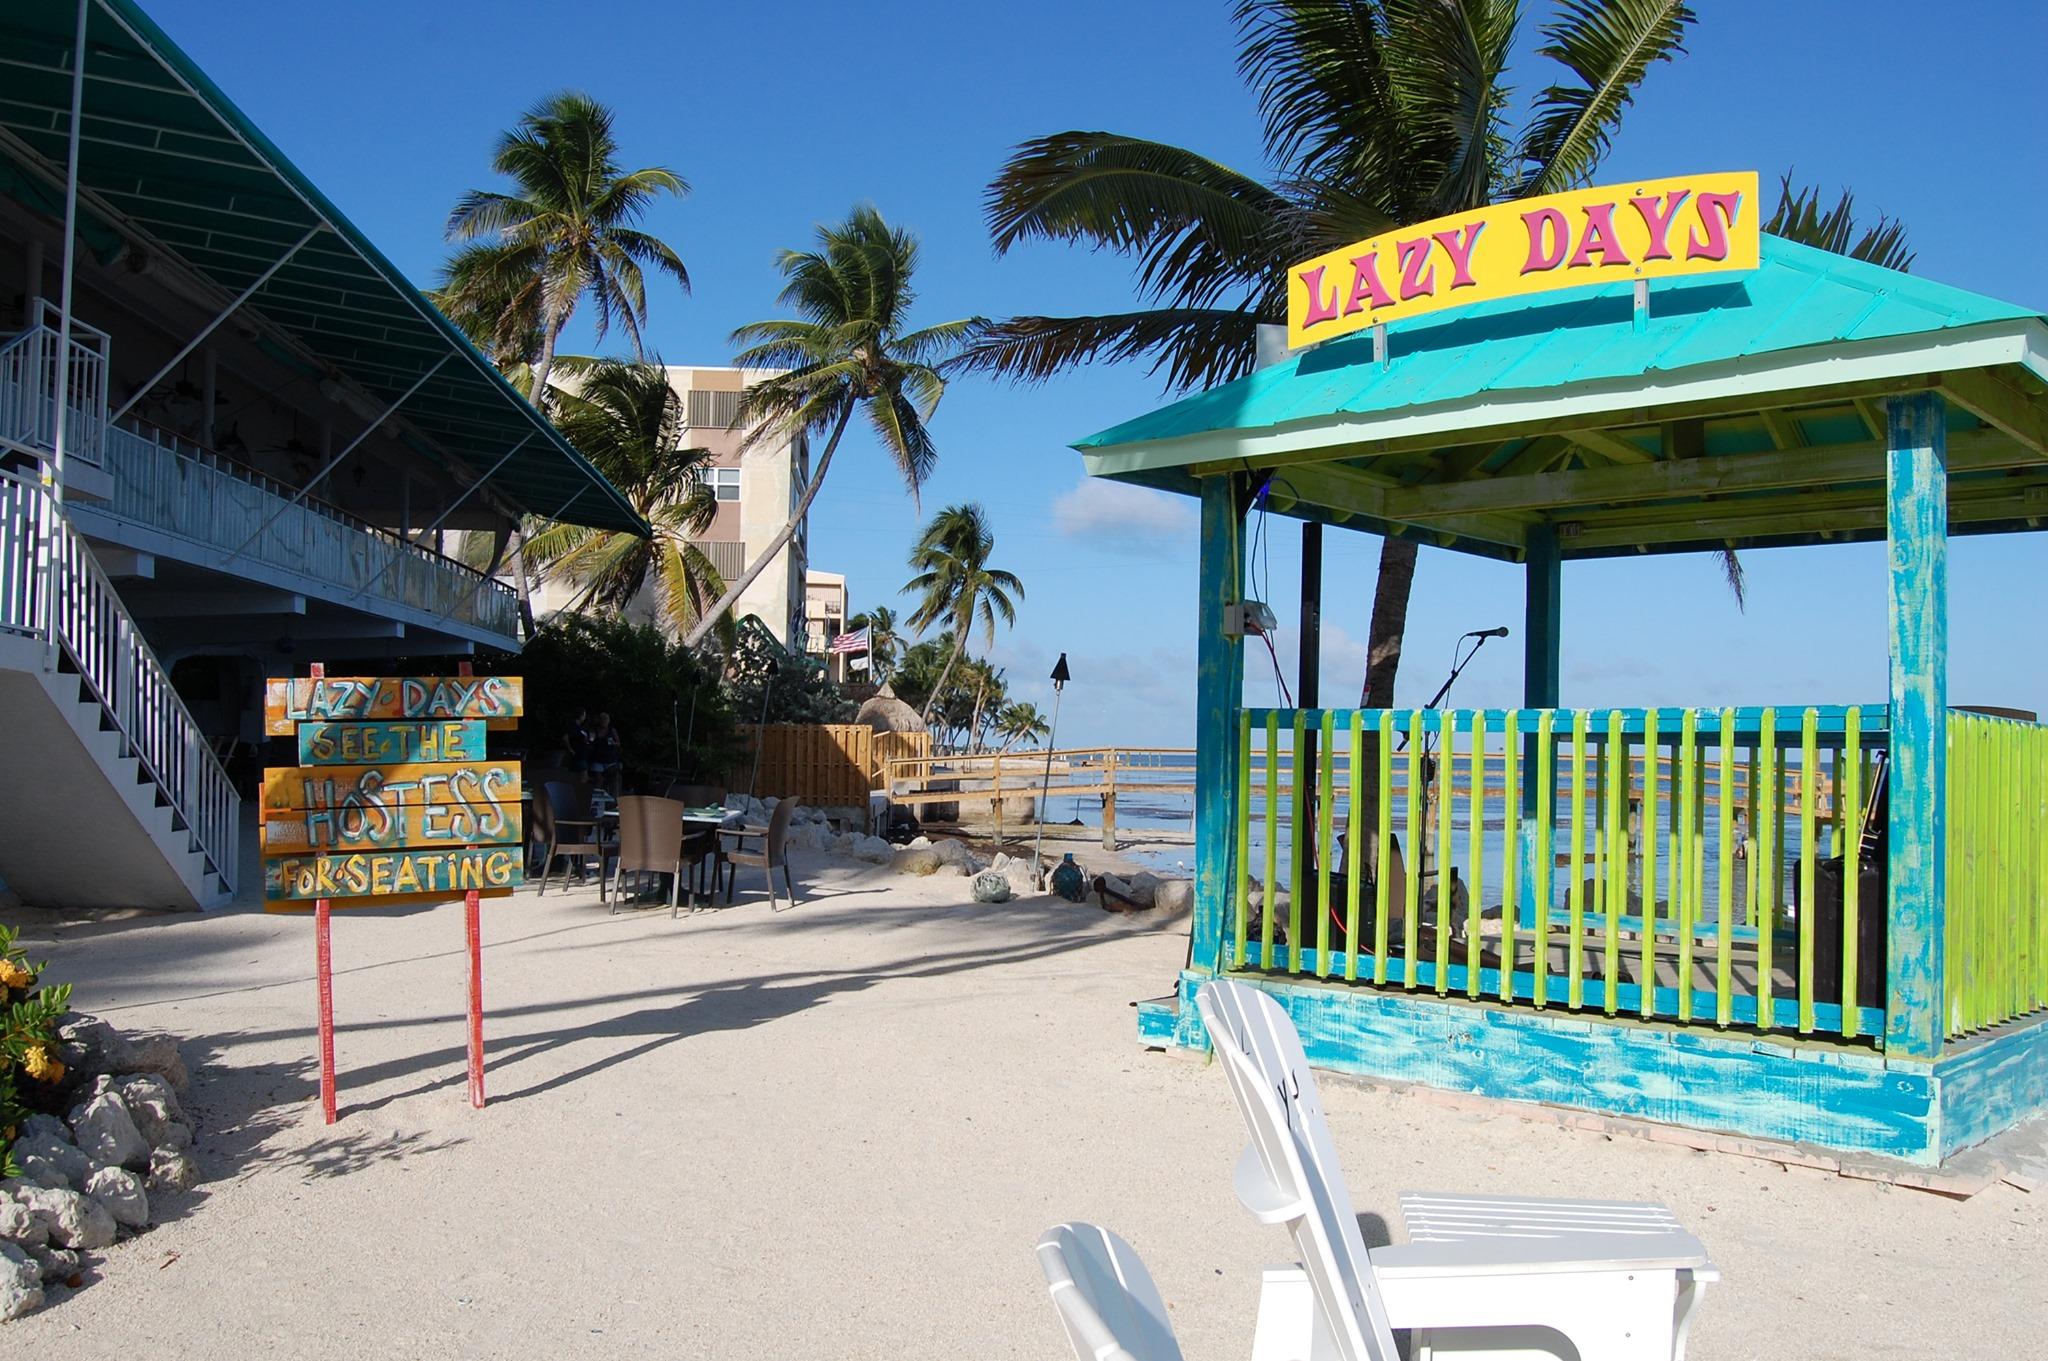 lazy days beach islamorada